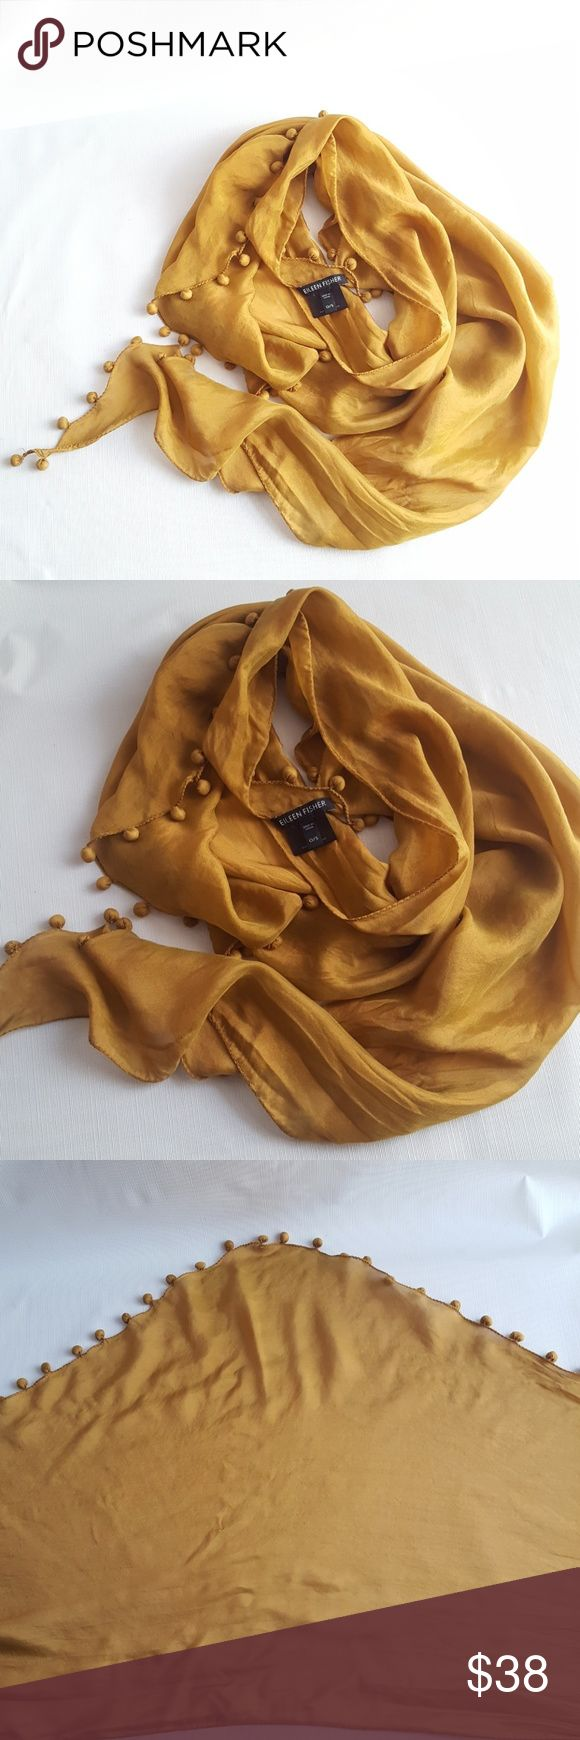 Eileen Fisher Silk Tassle Shawl Scarf In excellent preloved condition, iridescent honey mustard silk scarf, with pompom tassles. Eileen Fisher Accessories Scarves & Wraps